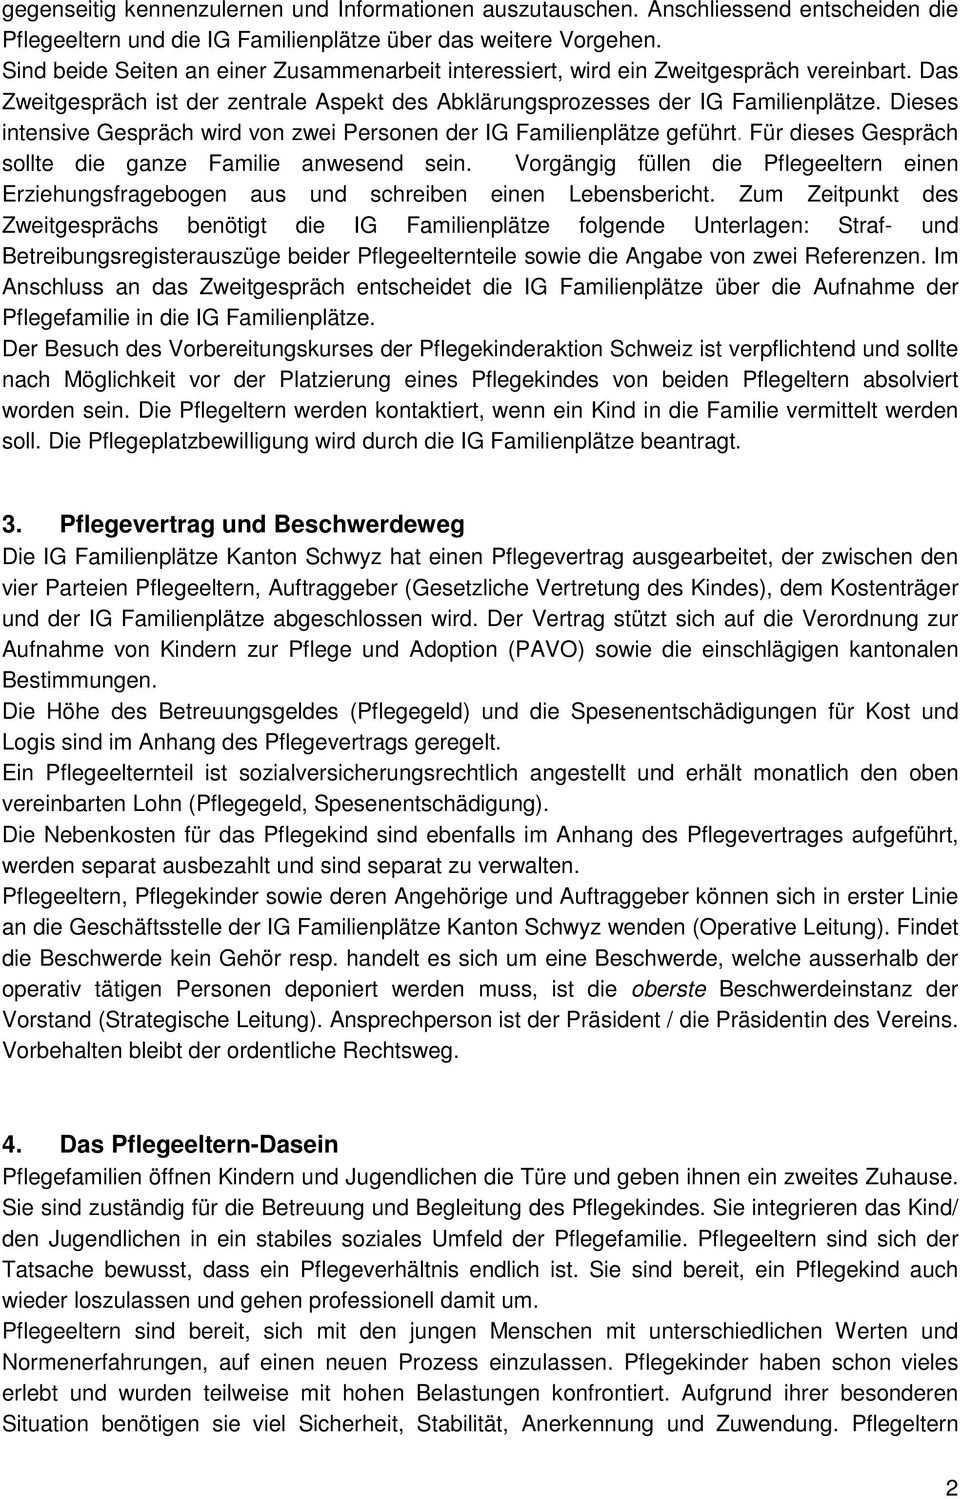 Leitfaden Fur Pflegeeltern Pdf Kostenfreier Download